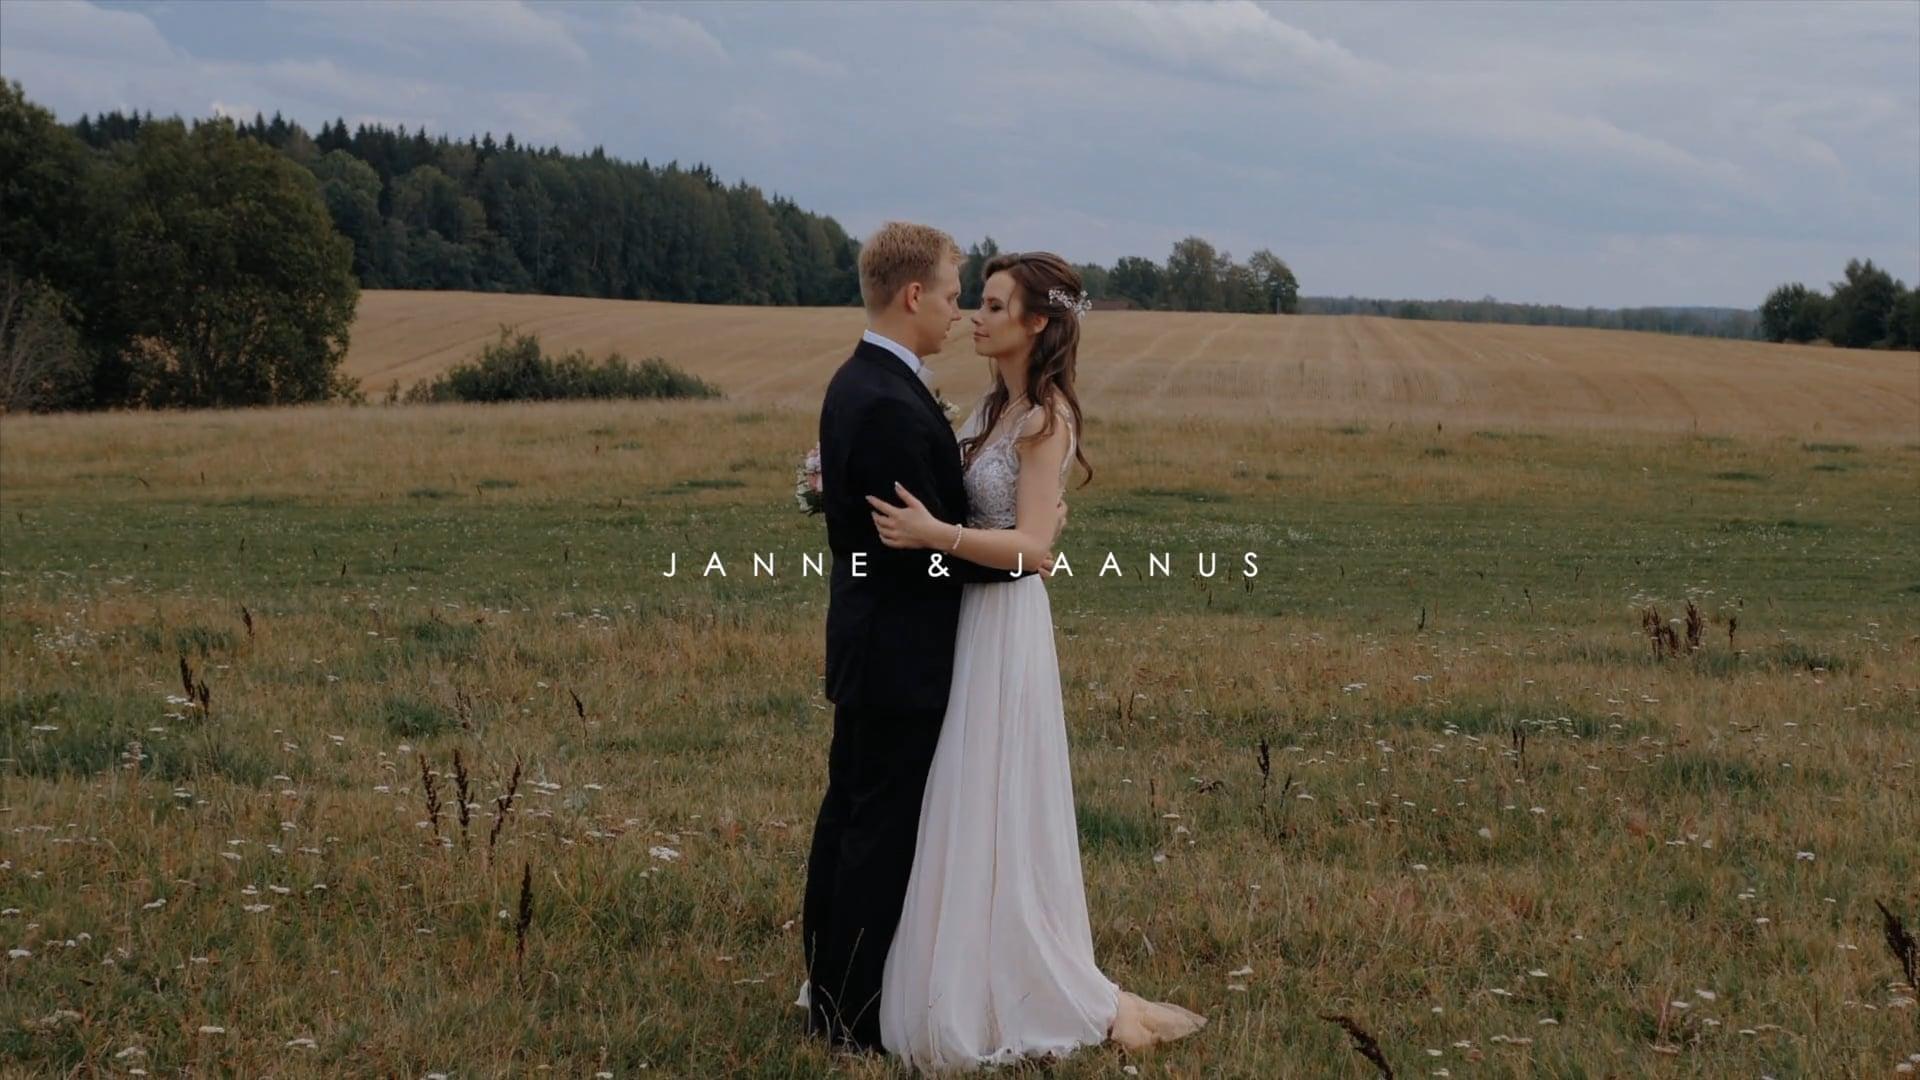 Jaane + Jaanus